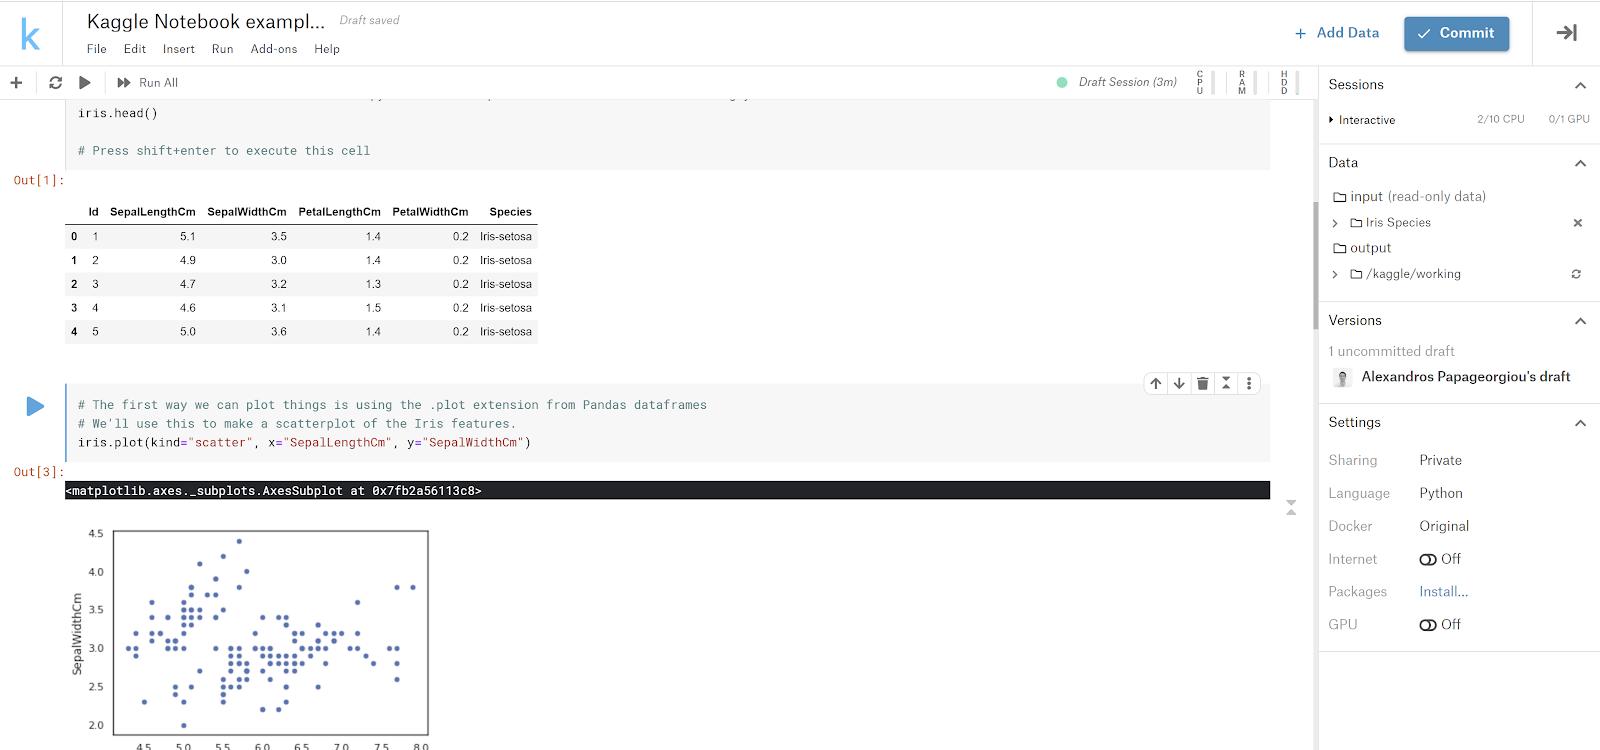 esempio di taccuino Kaggle.